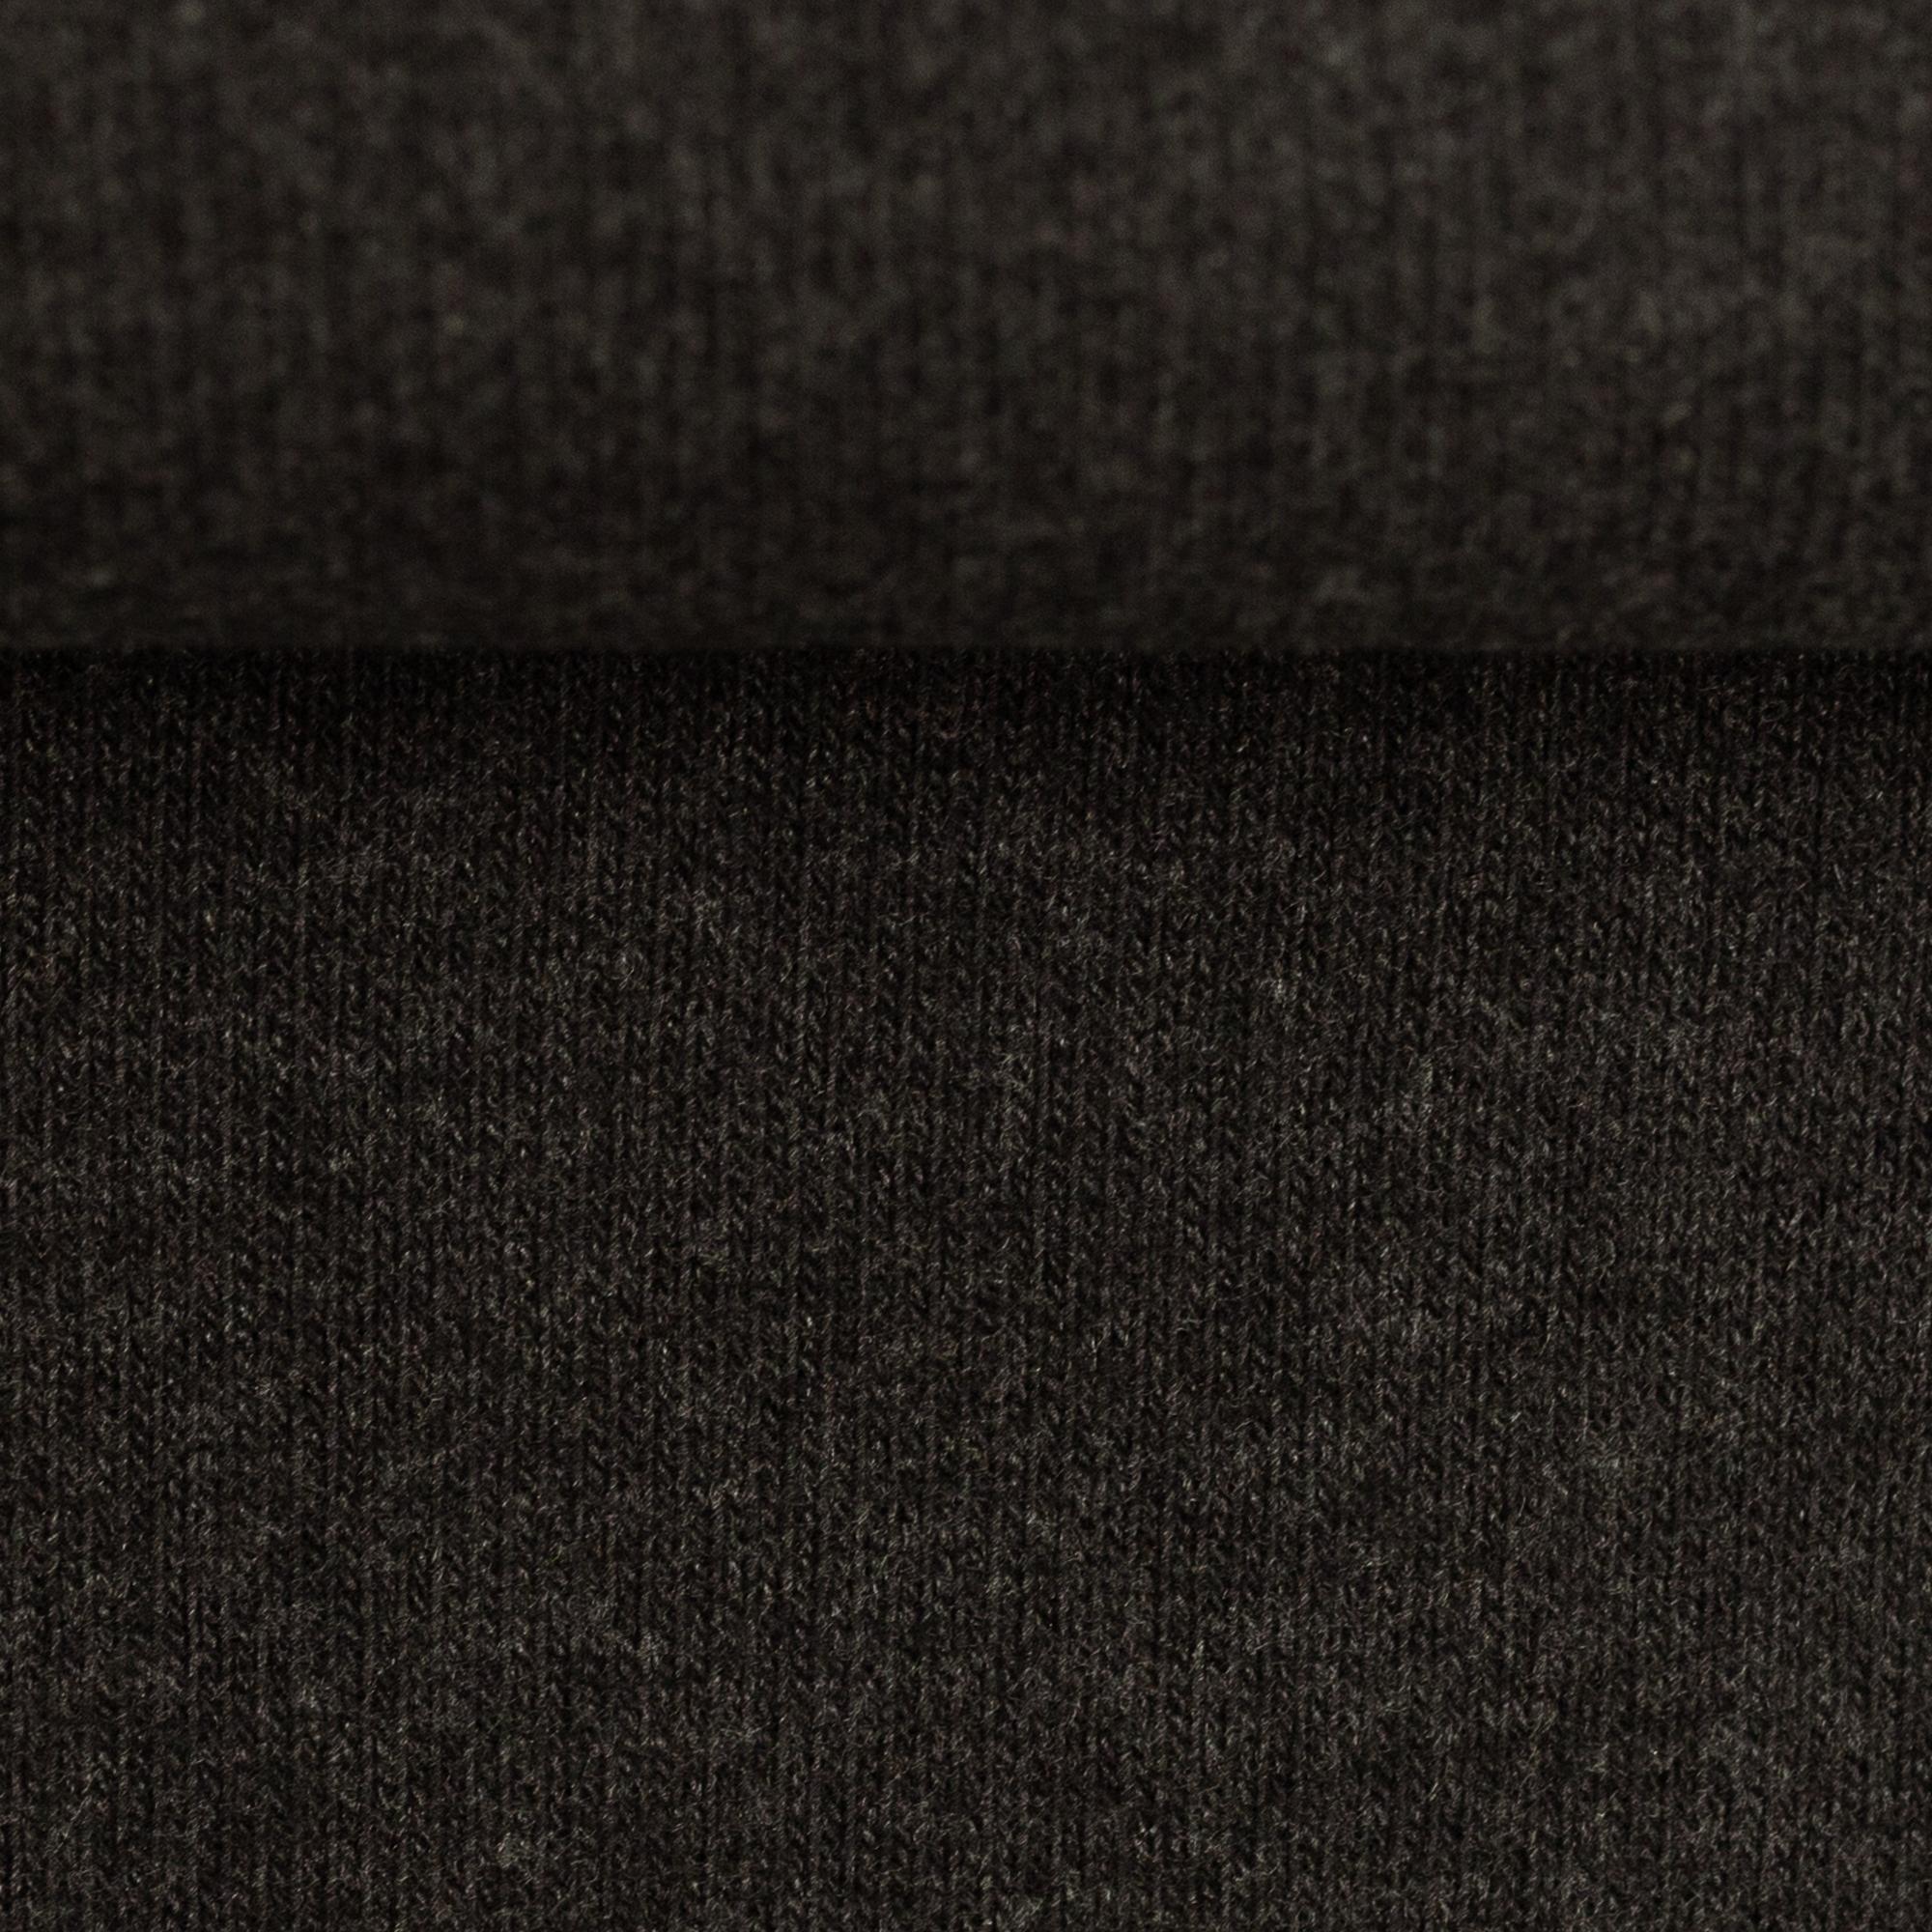 Strickstoff - Baumwollstrick - Swafing - Bono - Schwarz